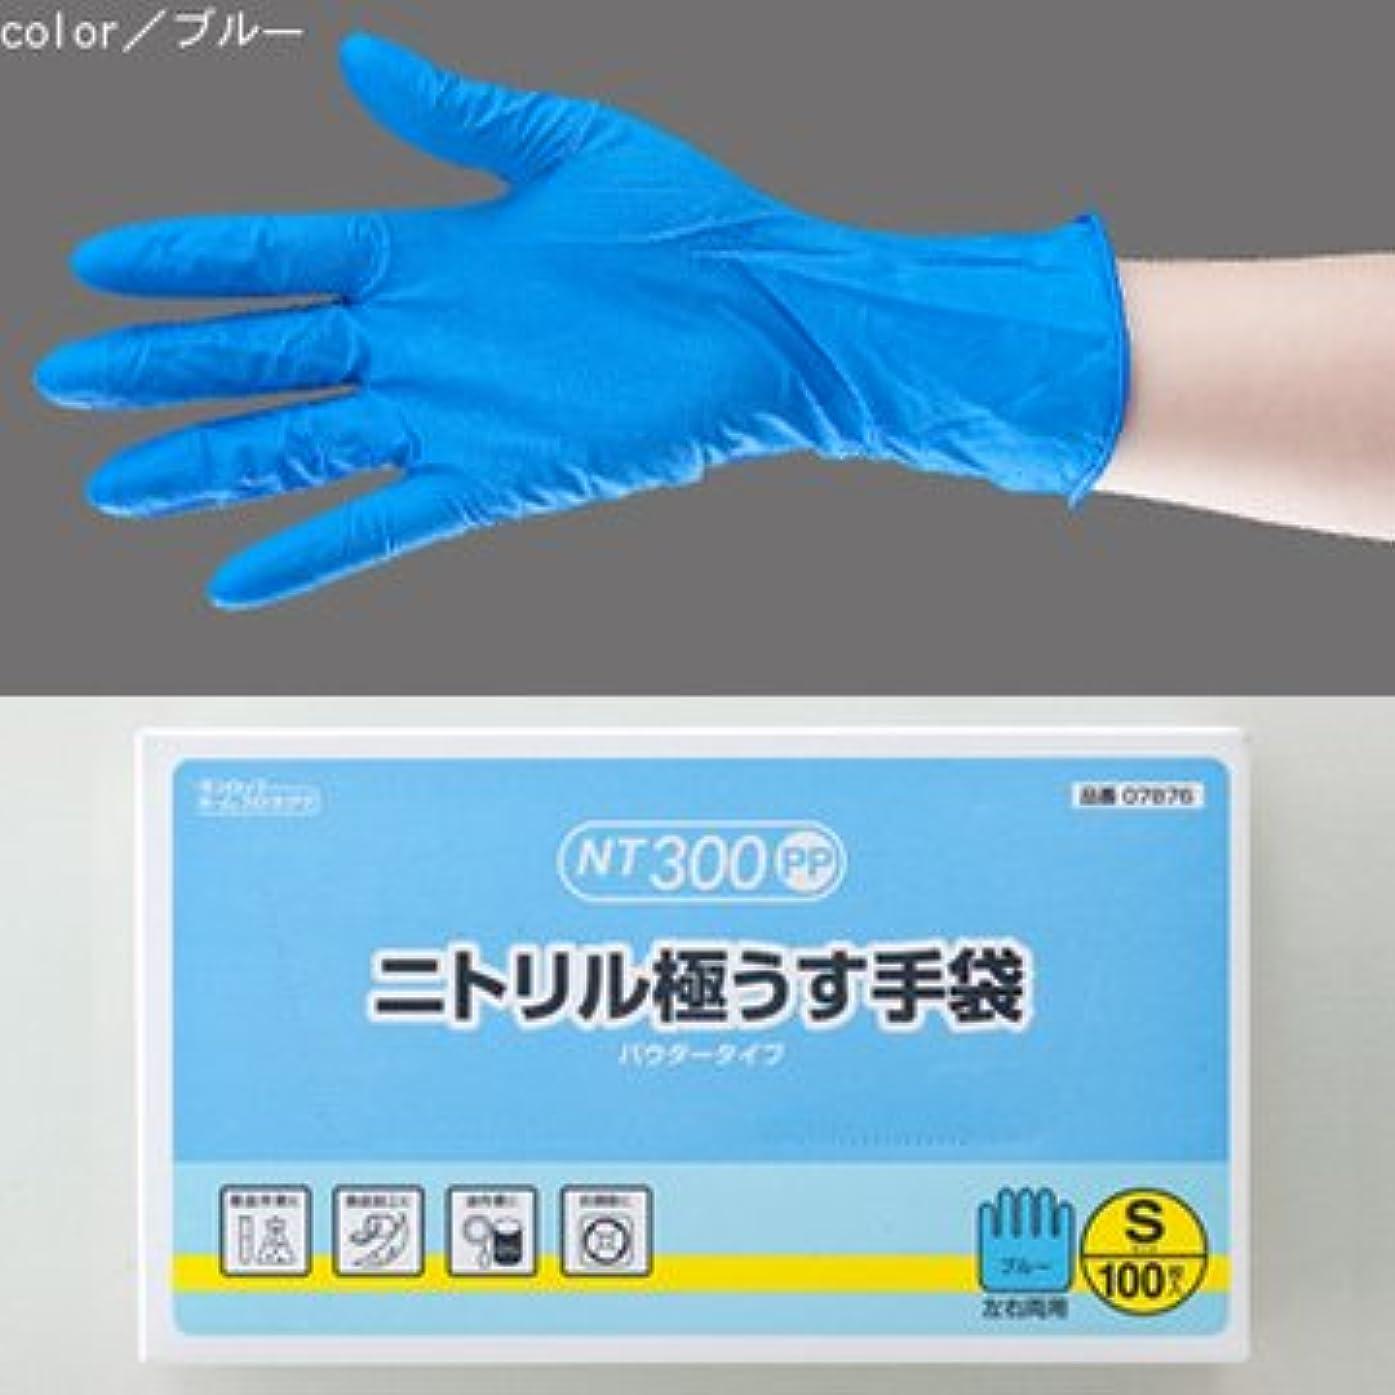 小競り合い細胞累計ニトリル極うす手袋 NT300PP 100枚入り (L)